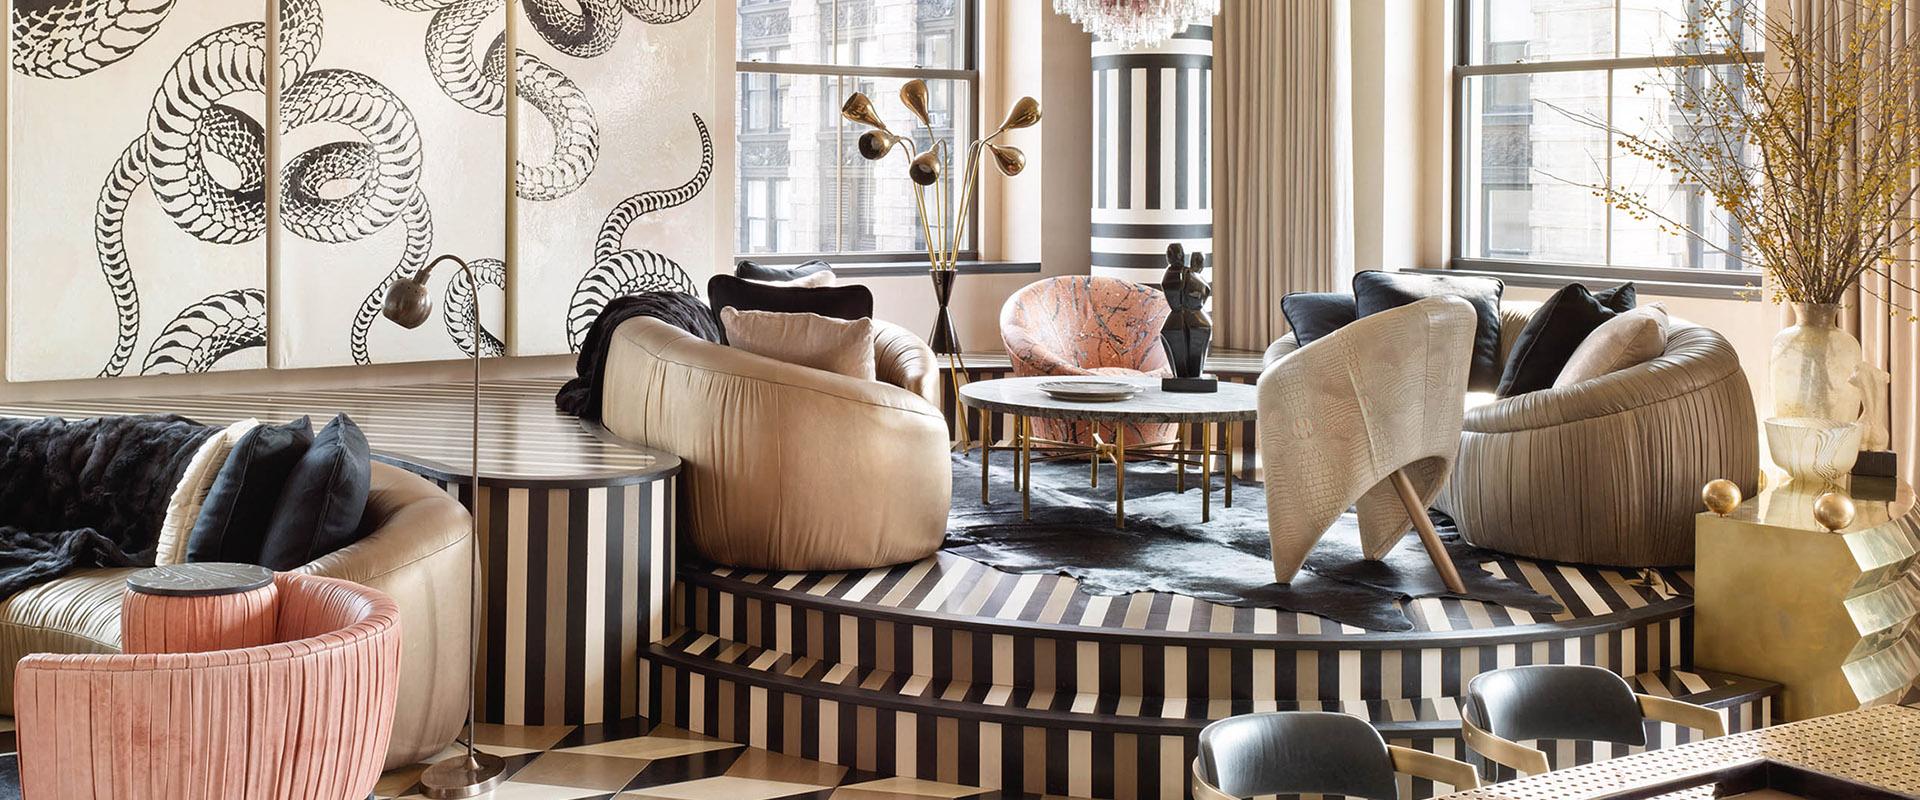 Maximalist Decor When Furniture Should Go Big Lovethesign